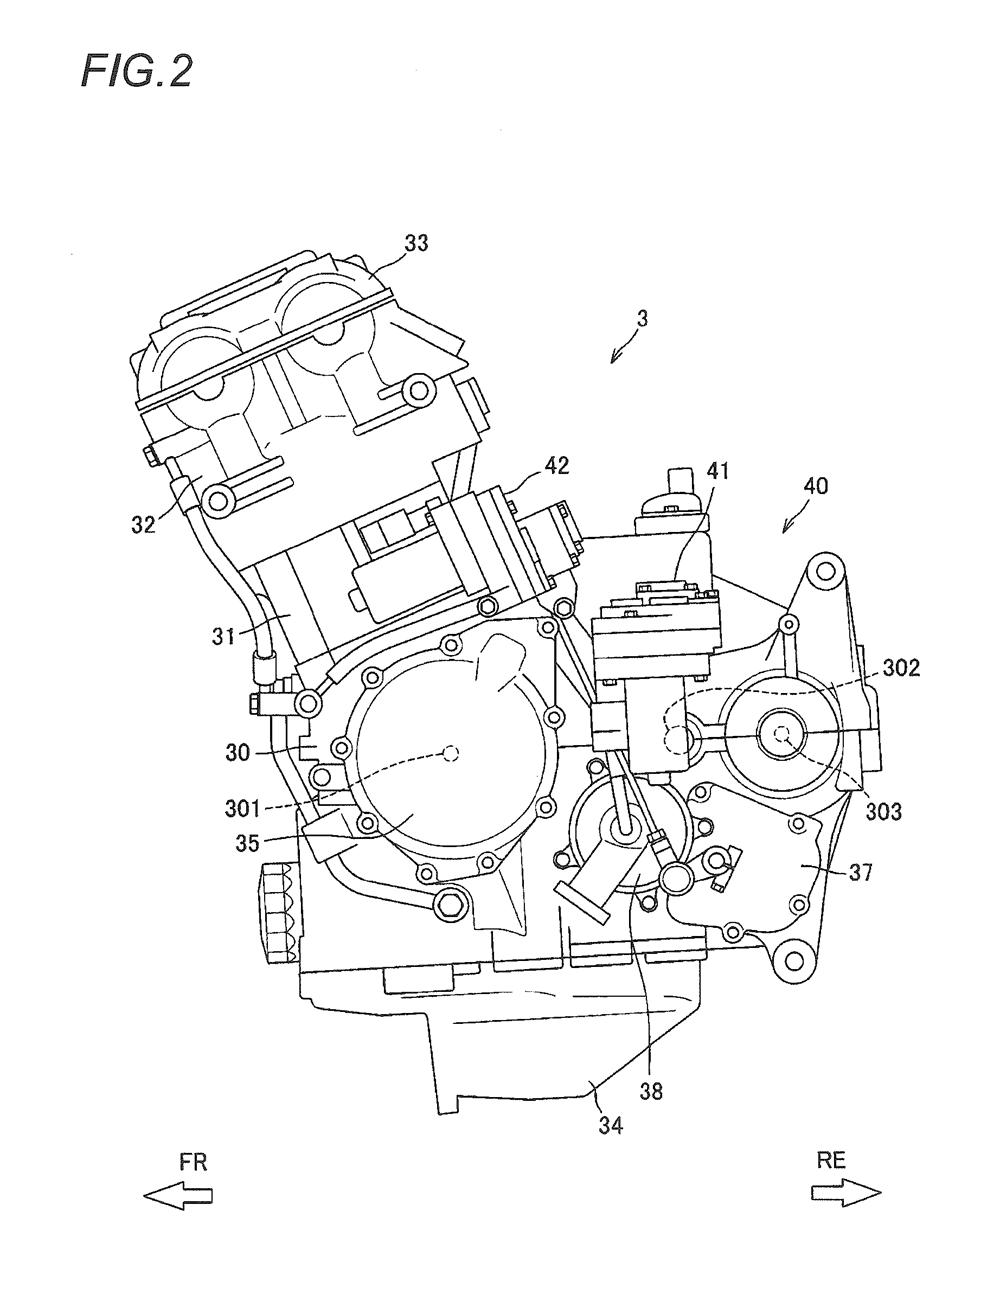 Компания Suzuki разрабатывает полуавтоматическую коробку для нового Suzuki Hayabusa